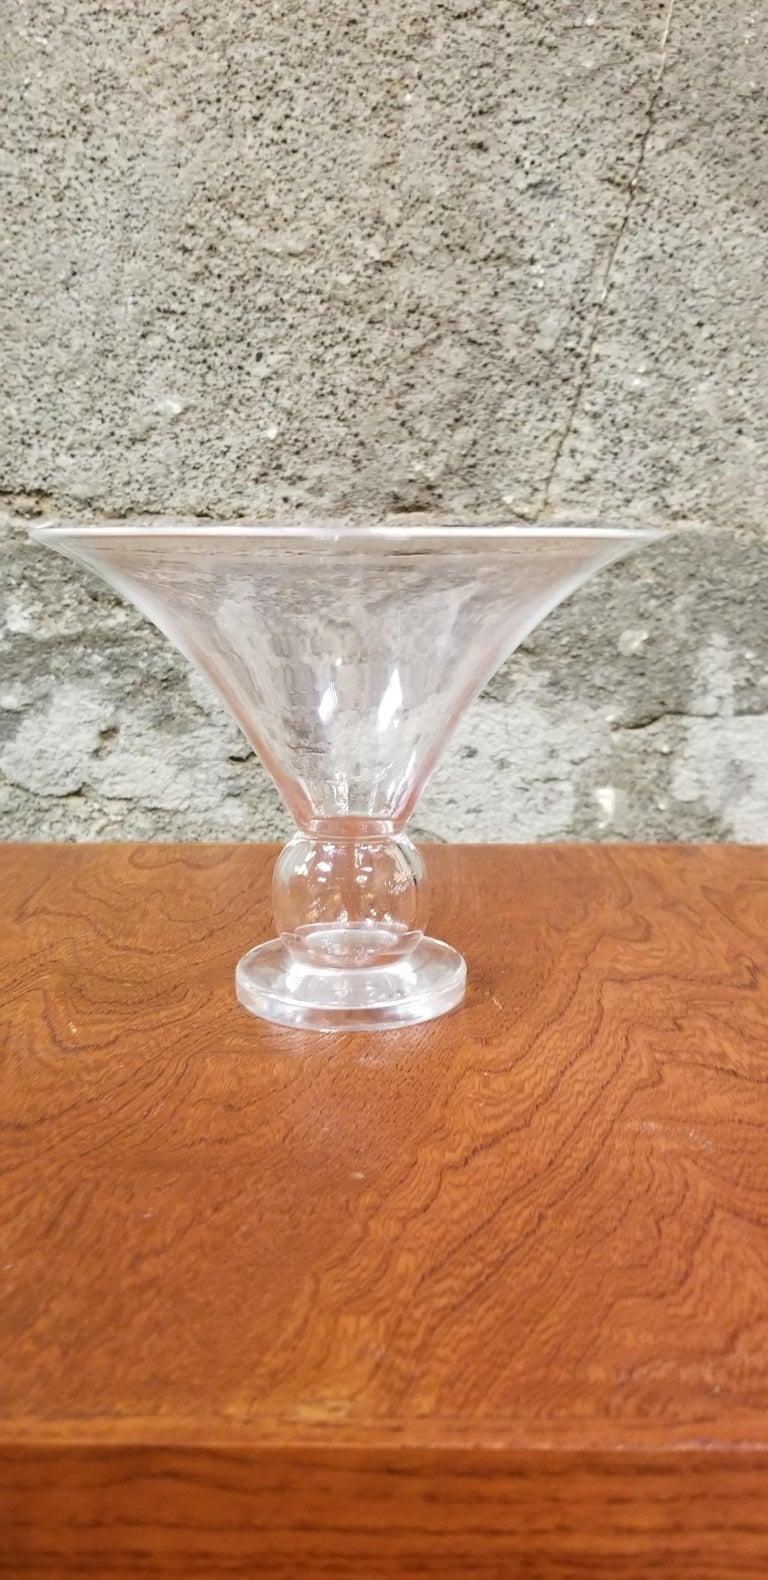 American Steuben Crystal Trumpet Vase For Sale